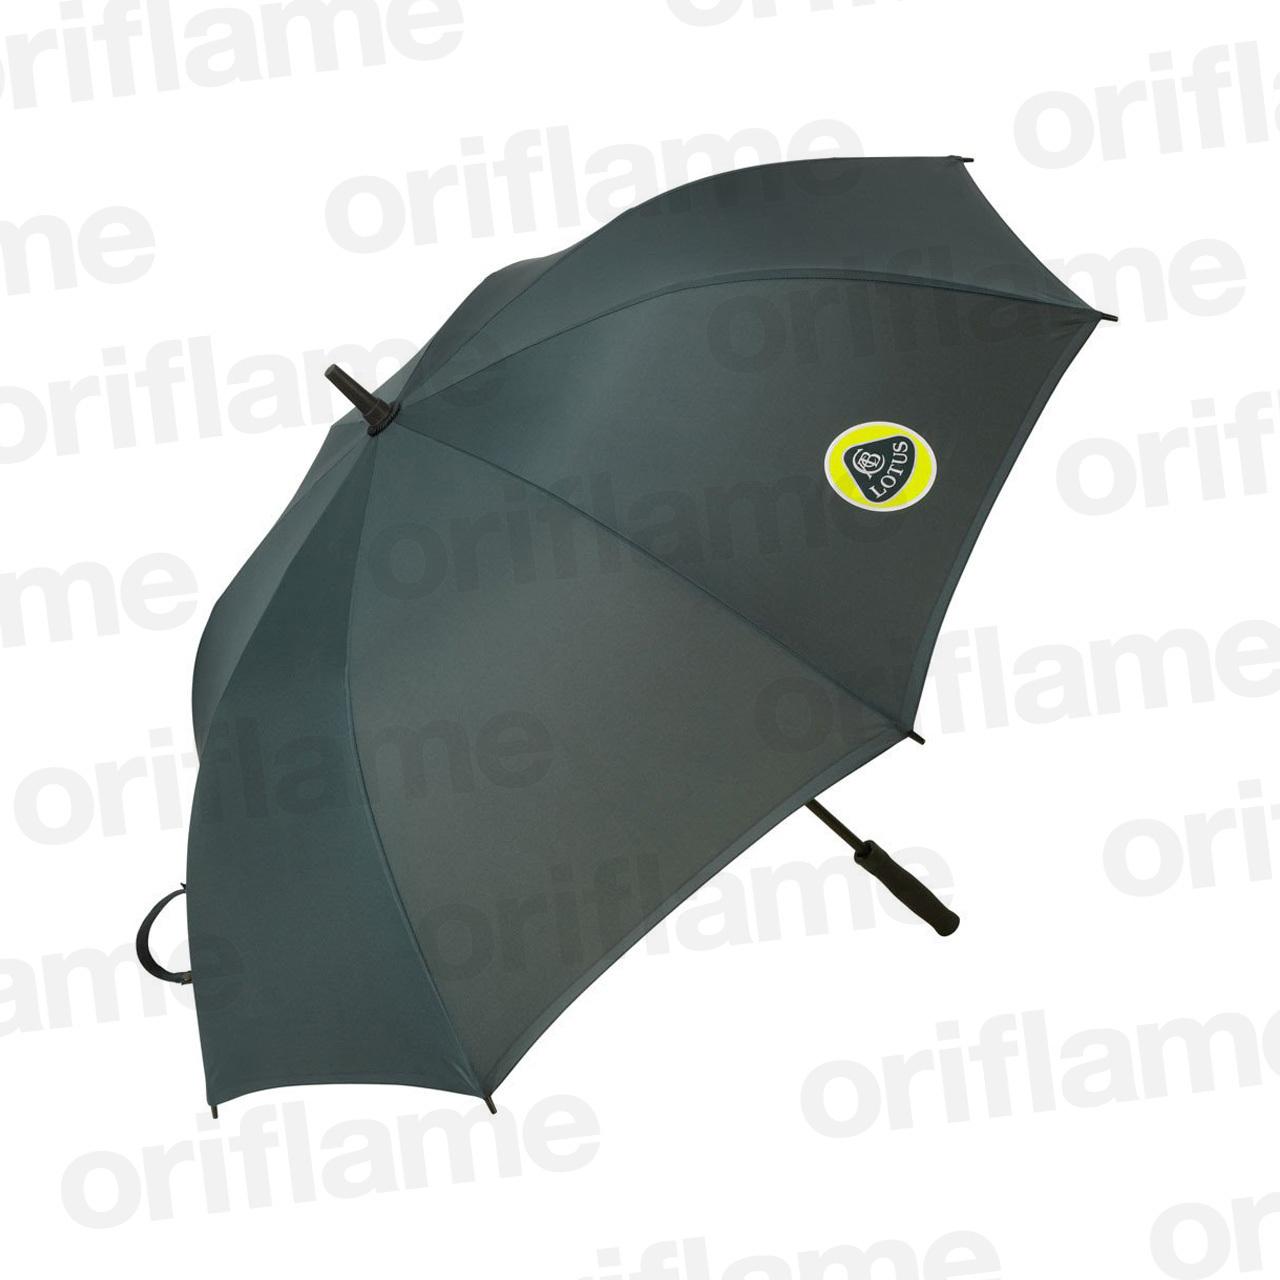 傘・ロータス・ラバーグリップ・グリーン